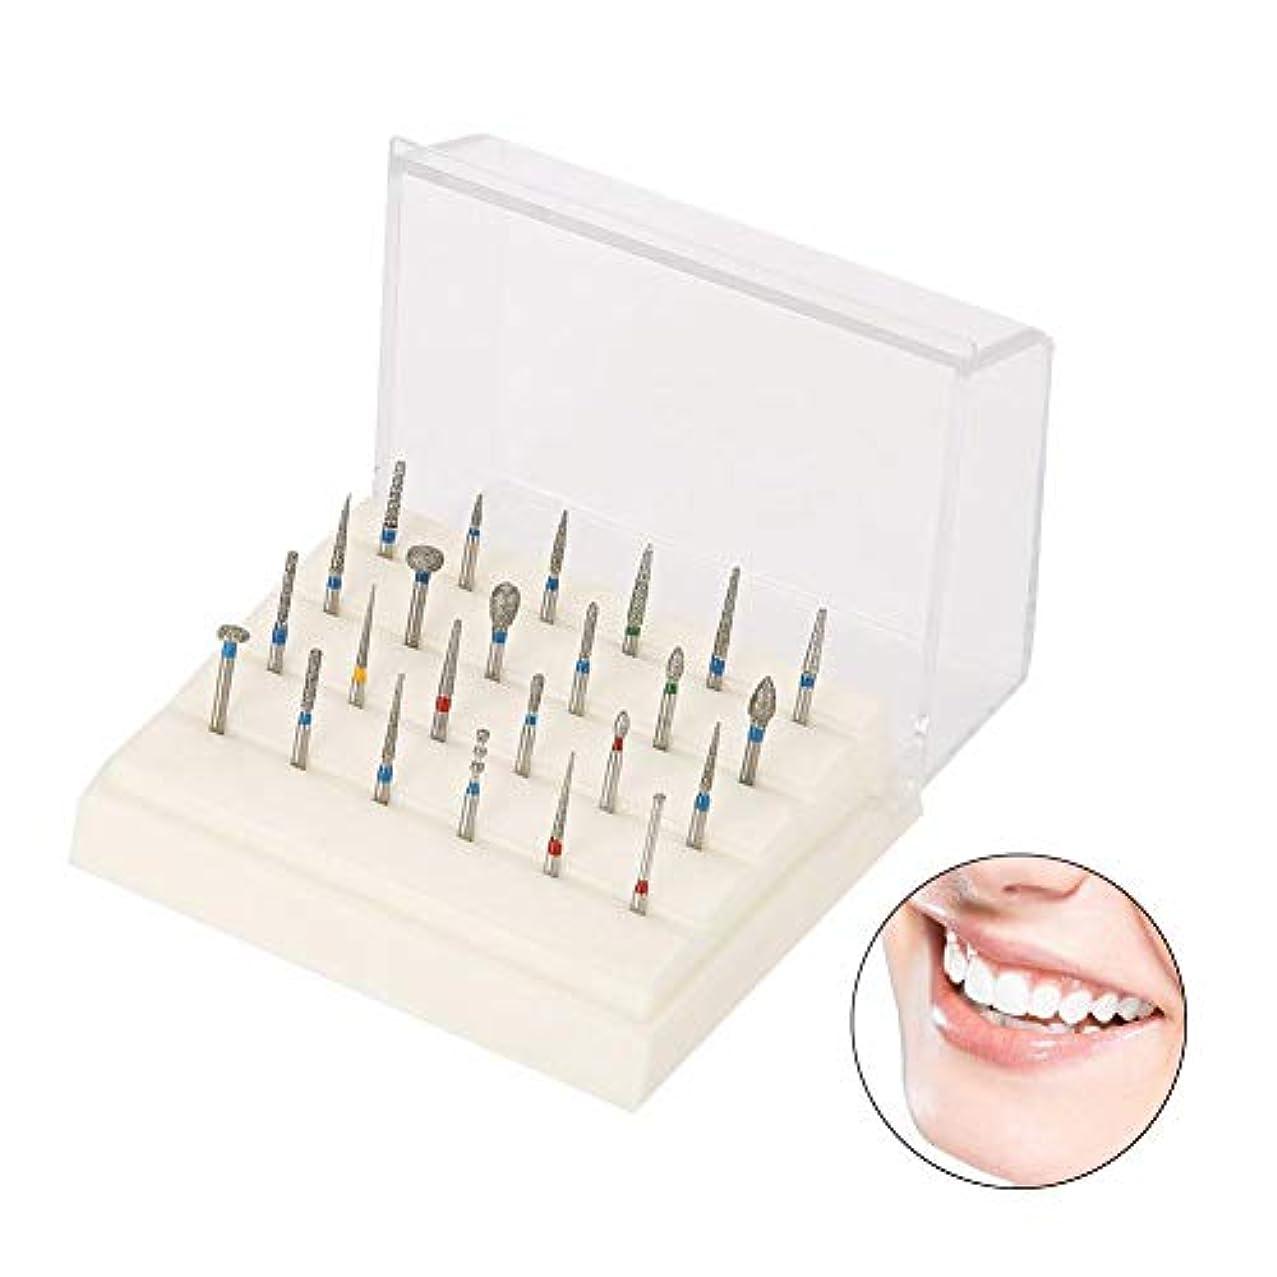 女の子中で白い歯科用バーブロック、24穴歯科用ラボ用アルミニウム製 歯科用 ダイヤモンドバースドリル 高速ブロックボックス 歯科用ダイヤモンドバースドリル 歯科用ツール